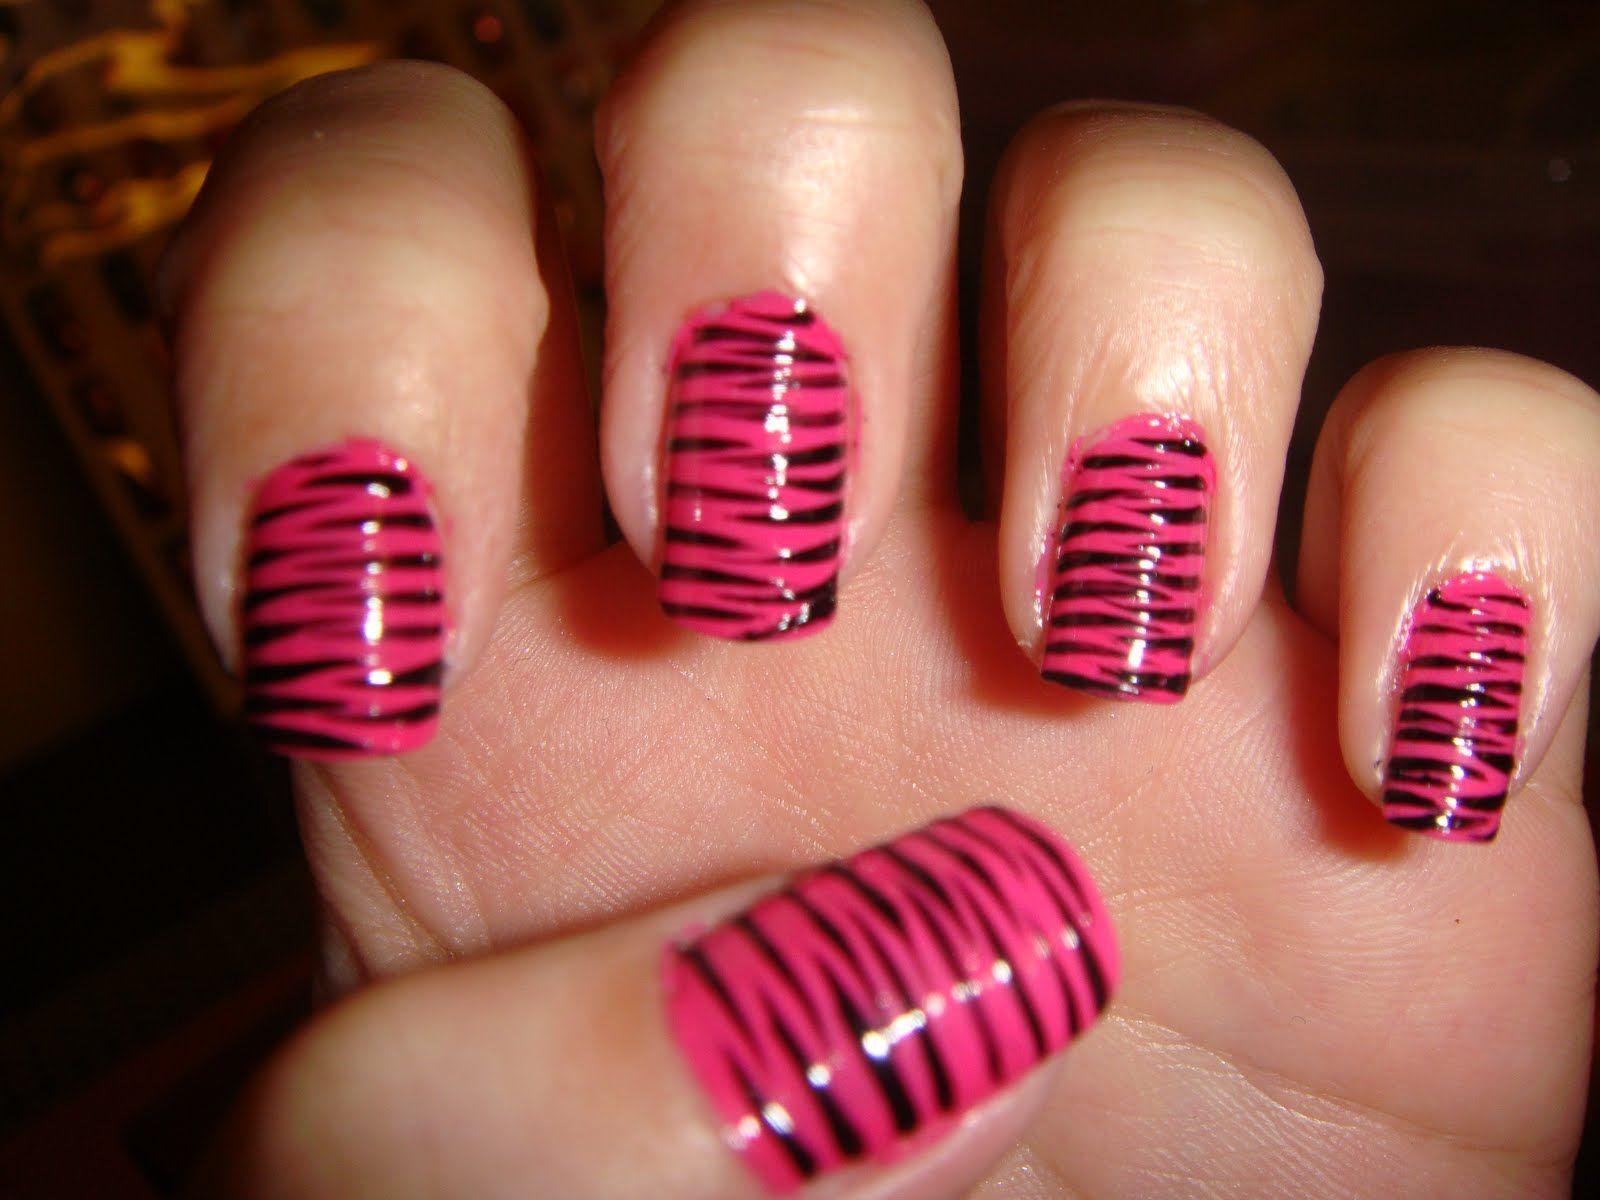 Pink zebra nails nails pinterest - Zebra Nail Designs Nail Ninja Rantszebra Nails Nails Pink Zebra Nail Art